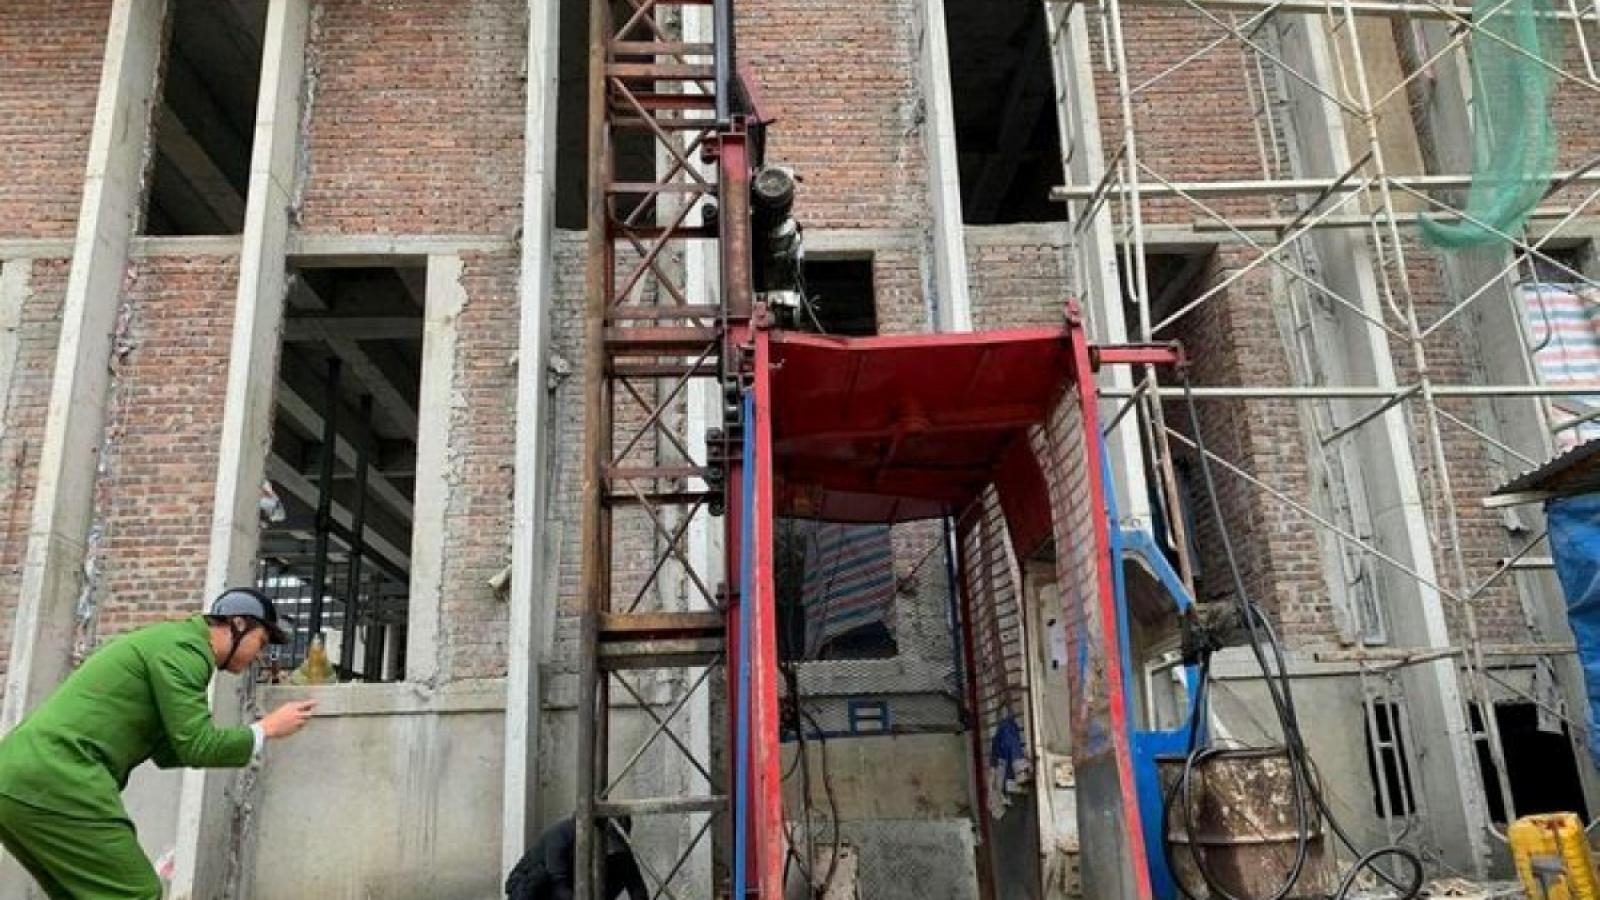 Cơ quan chức năng lên tiếng về vụ tai nạn lao động tại Nghệ An